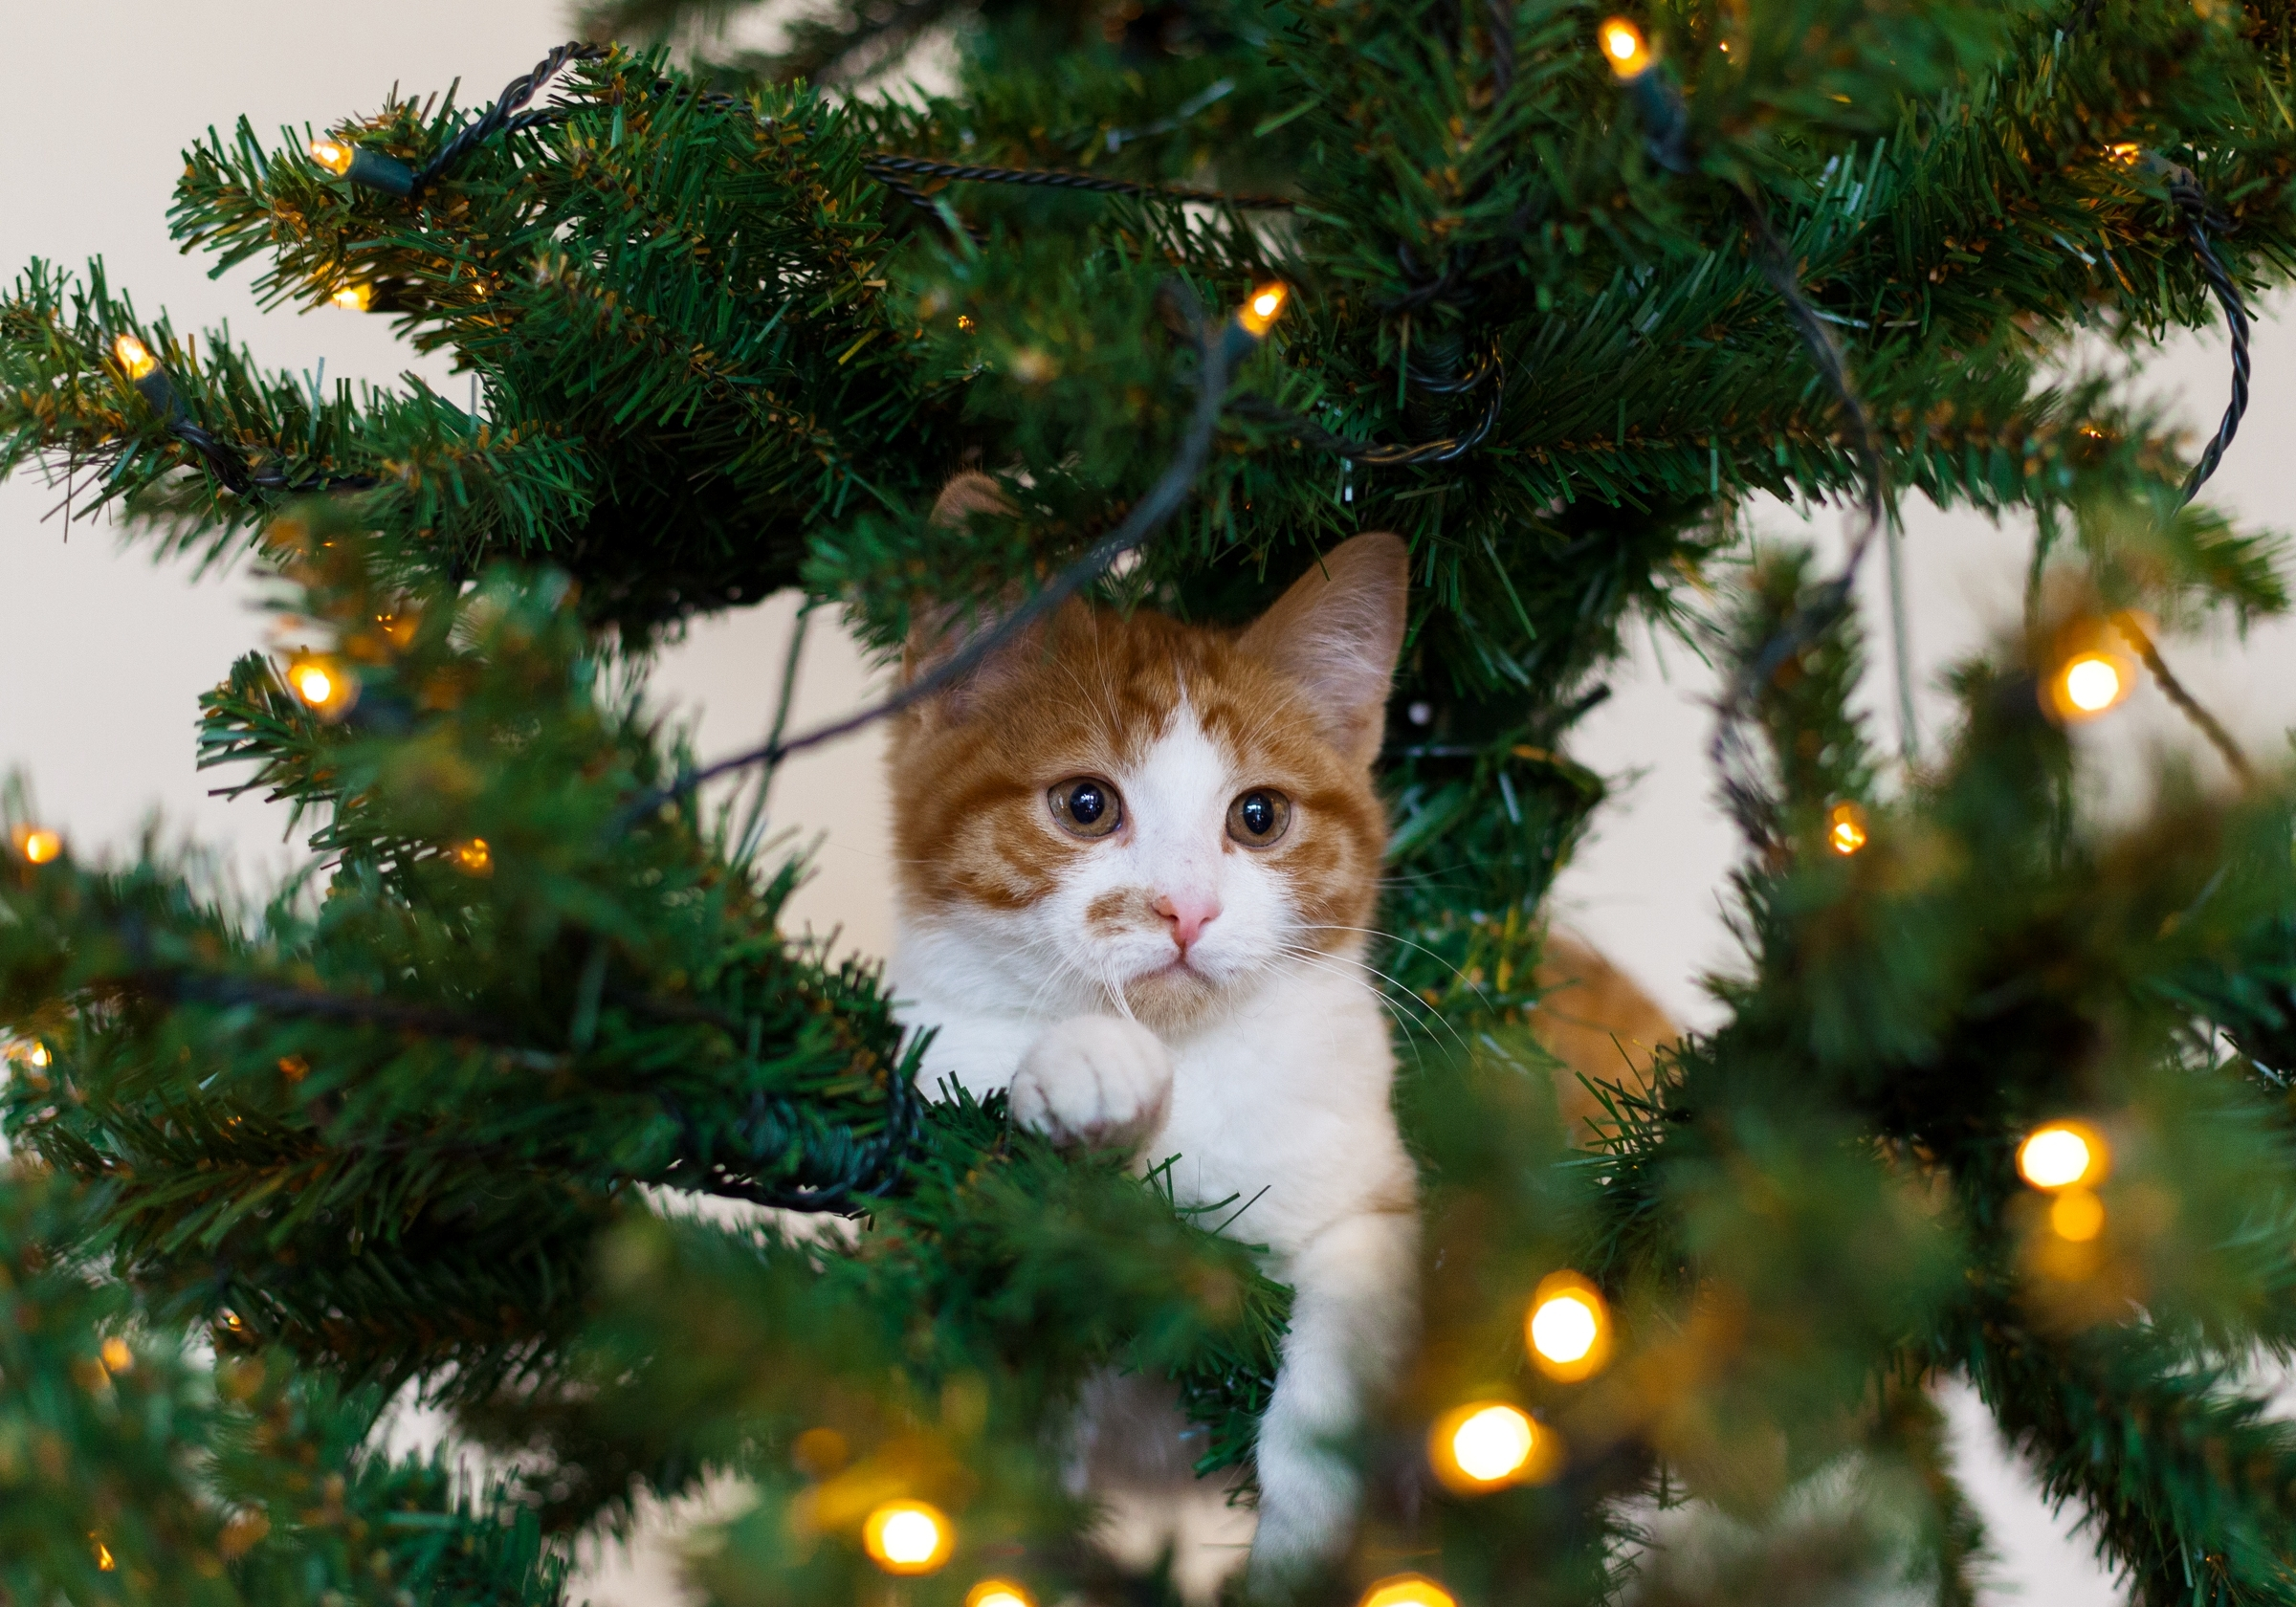 113915 Hintergrundbild herunterladen Tiere, Der Kater, Katze, Kätzchen, Spielerisch, Spielerische, Weihnachtsbaum - Bildschirmschoner und Bilder kostenlos